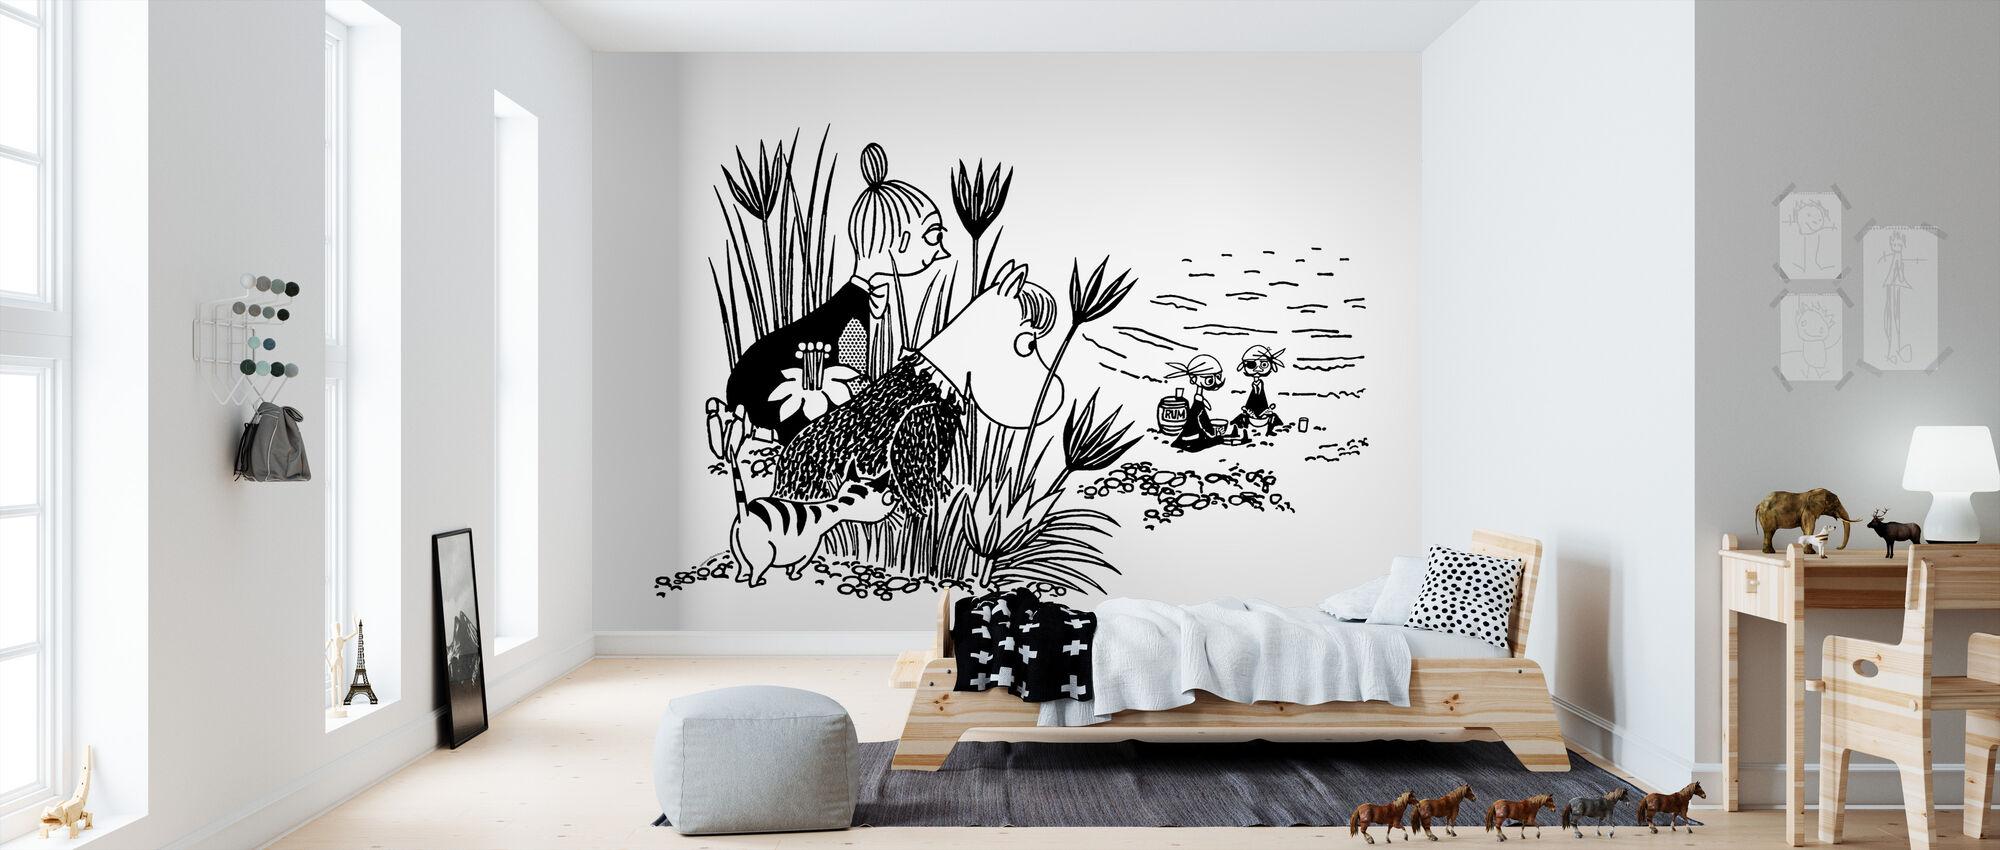 Moomin - Pirate Picnic - Wallpaper - Kids Room